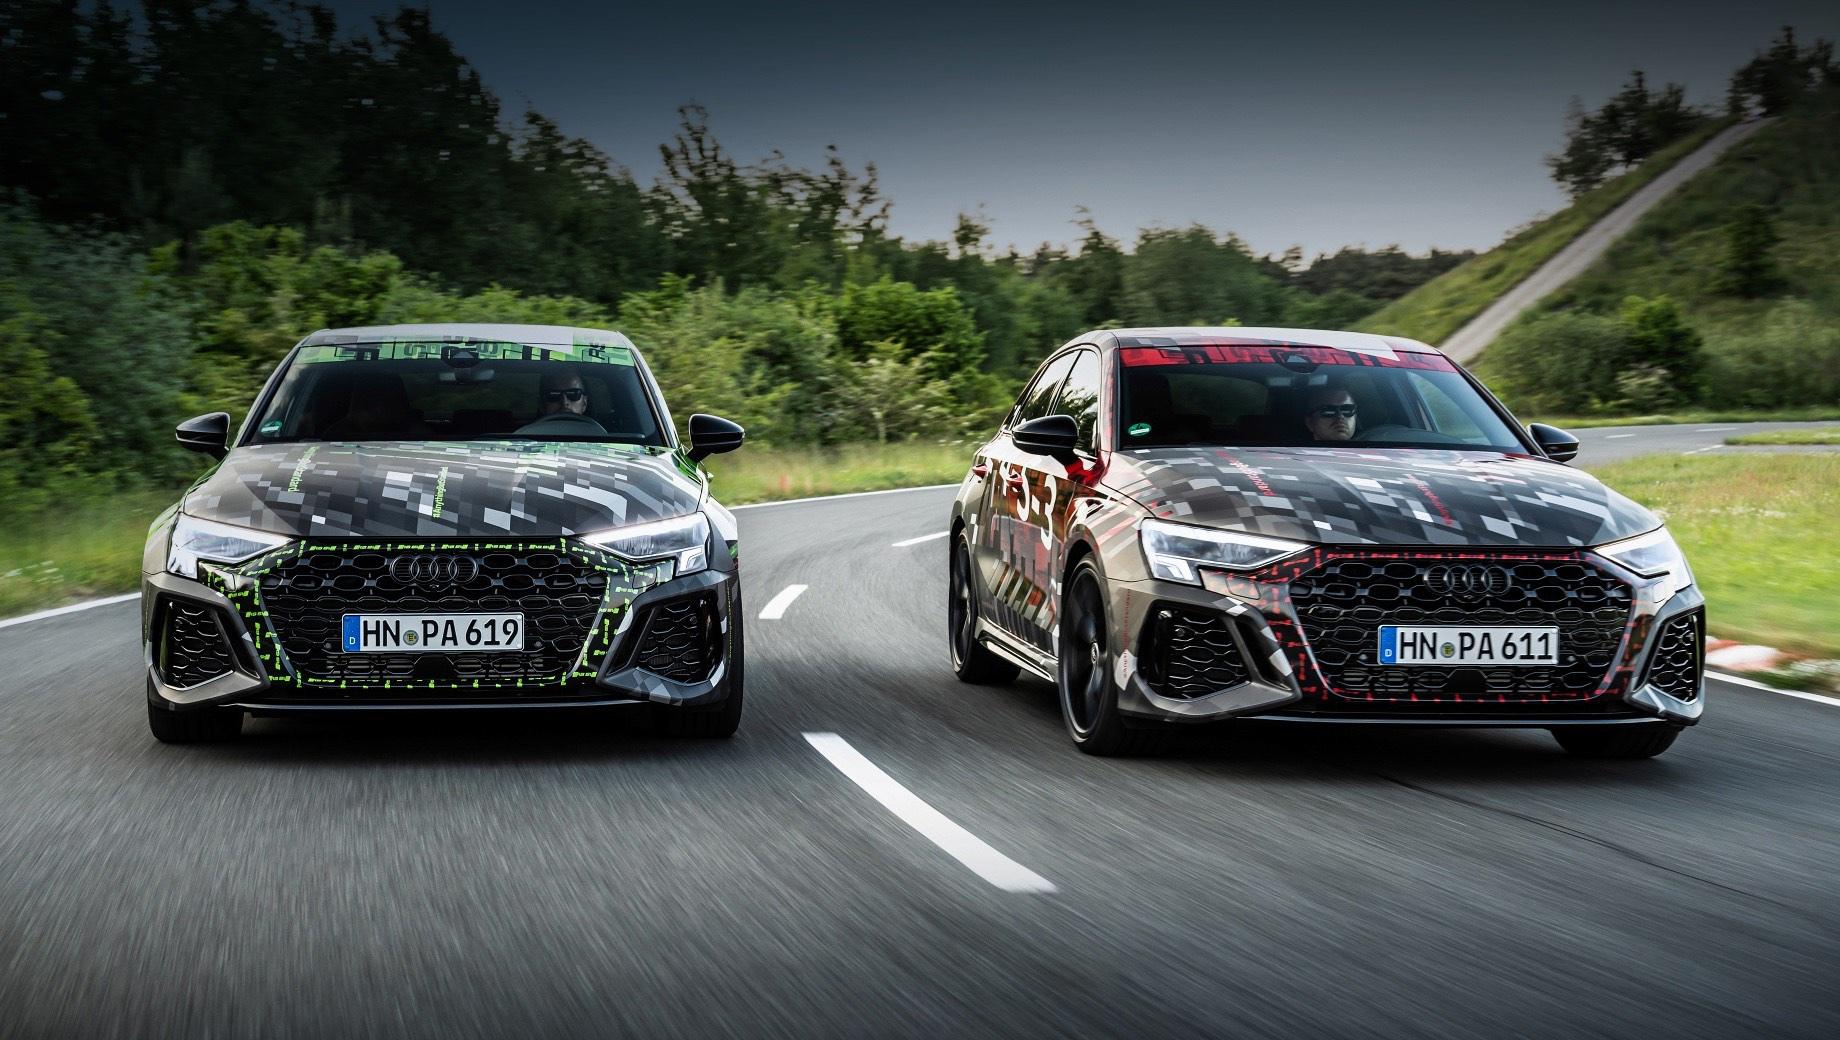 Новые Audi RS 3 реализуют мечты фанатов о дрифте